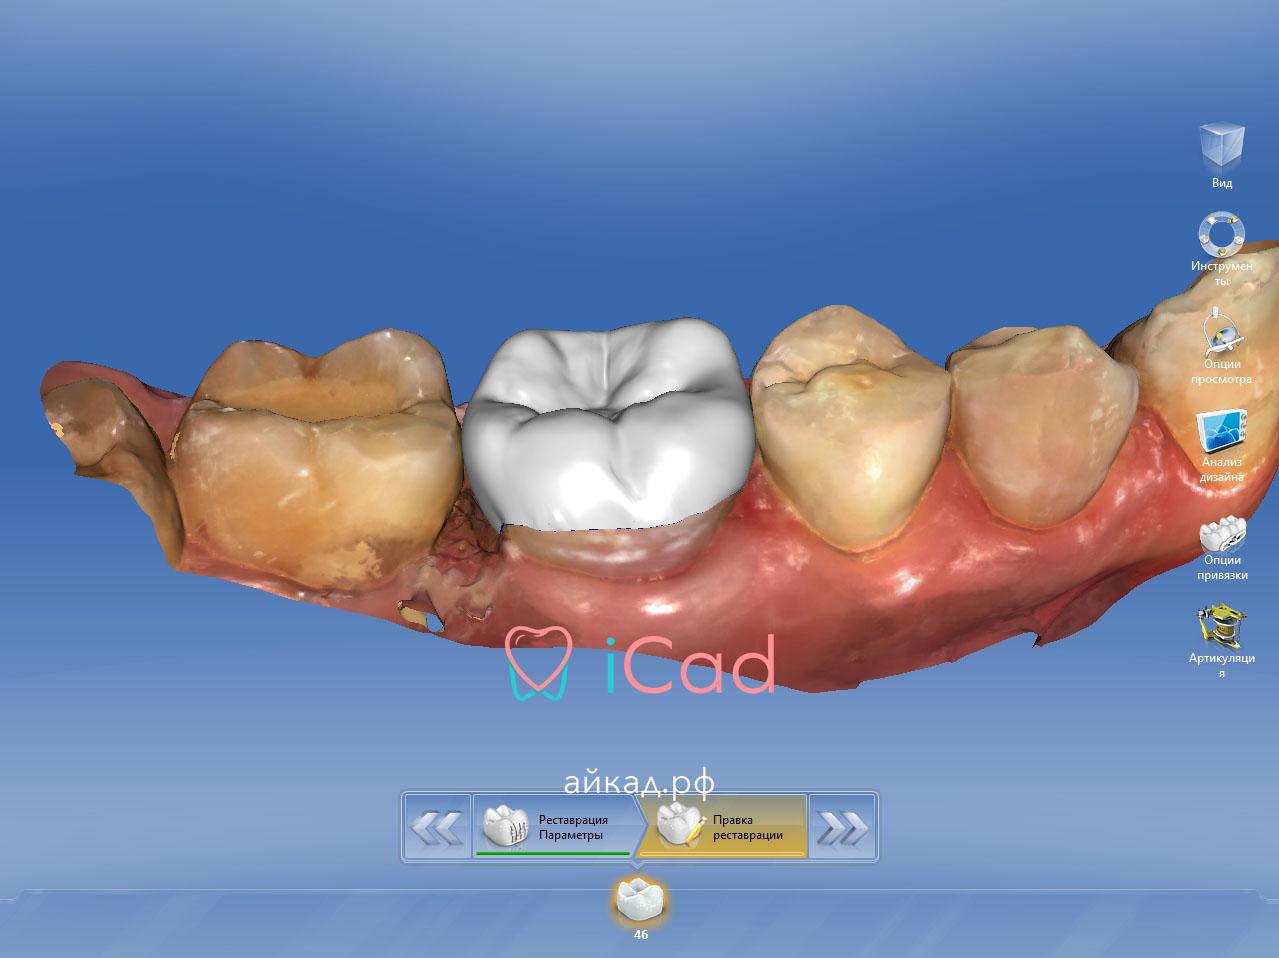 cad cam системы в стоматологии, современные cad cam, кад кам системы в стоматологии, обучение cam системам, айкад.рф, icad.store, продажа стоматологического оборудования, москва